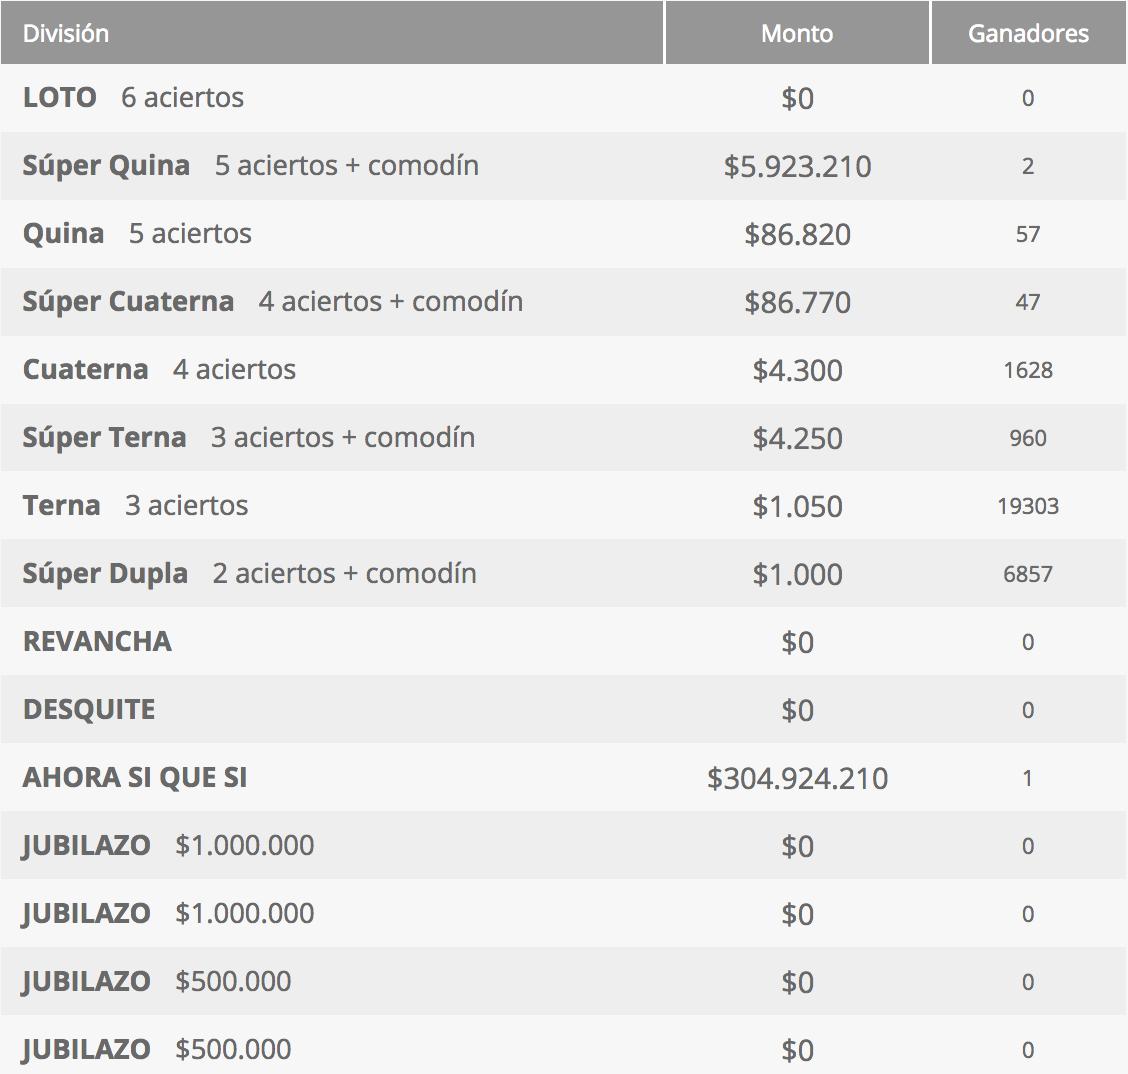 Ganadores Loto Chile Sorteo 4262